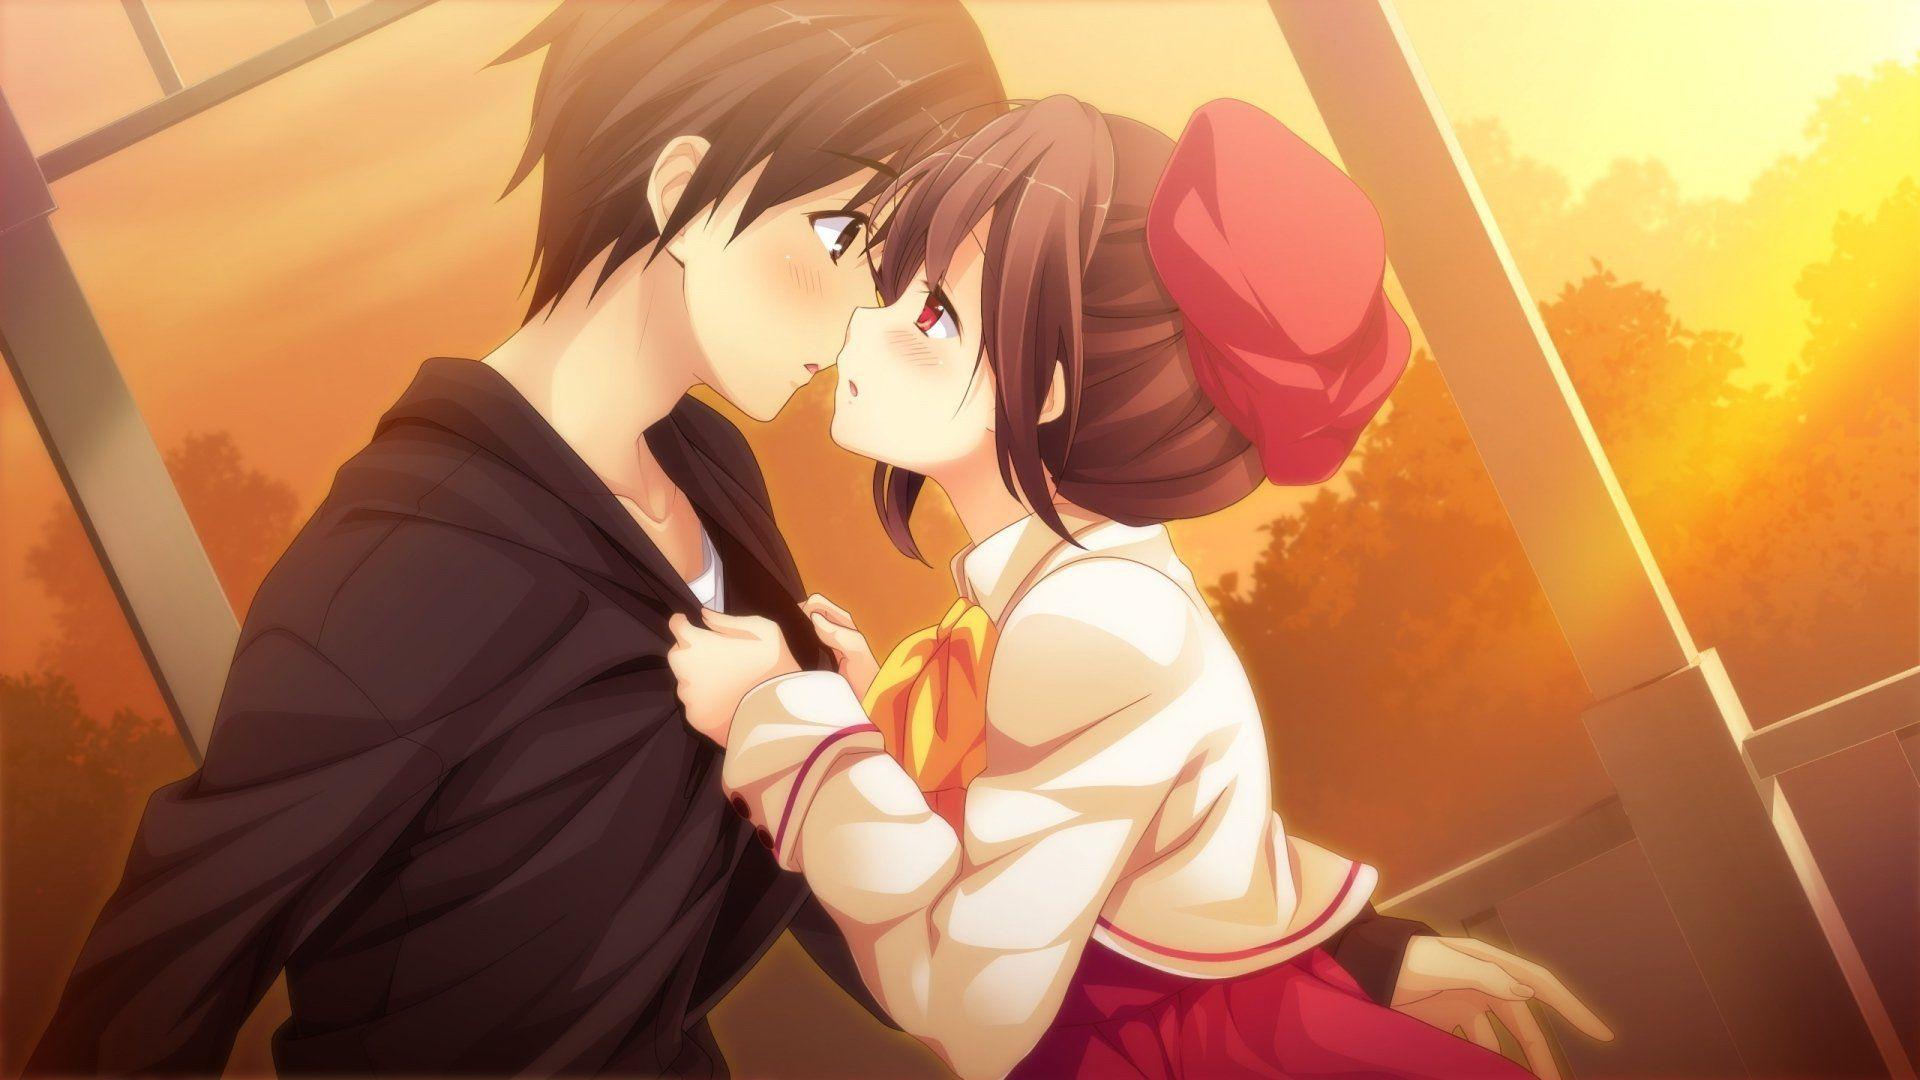 Hd Wallpaper Love Kiss Cartoon Free Wallpaper Hd